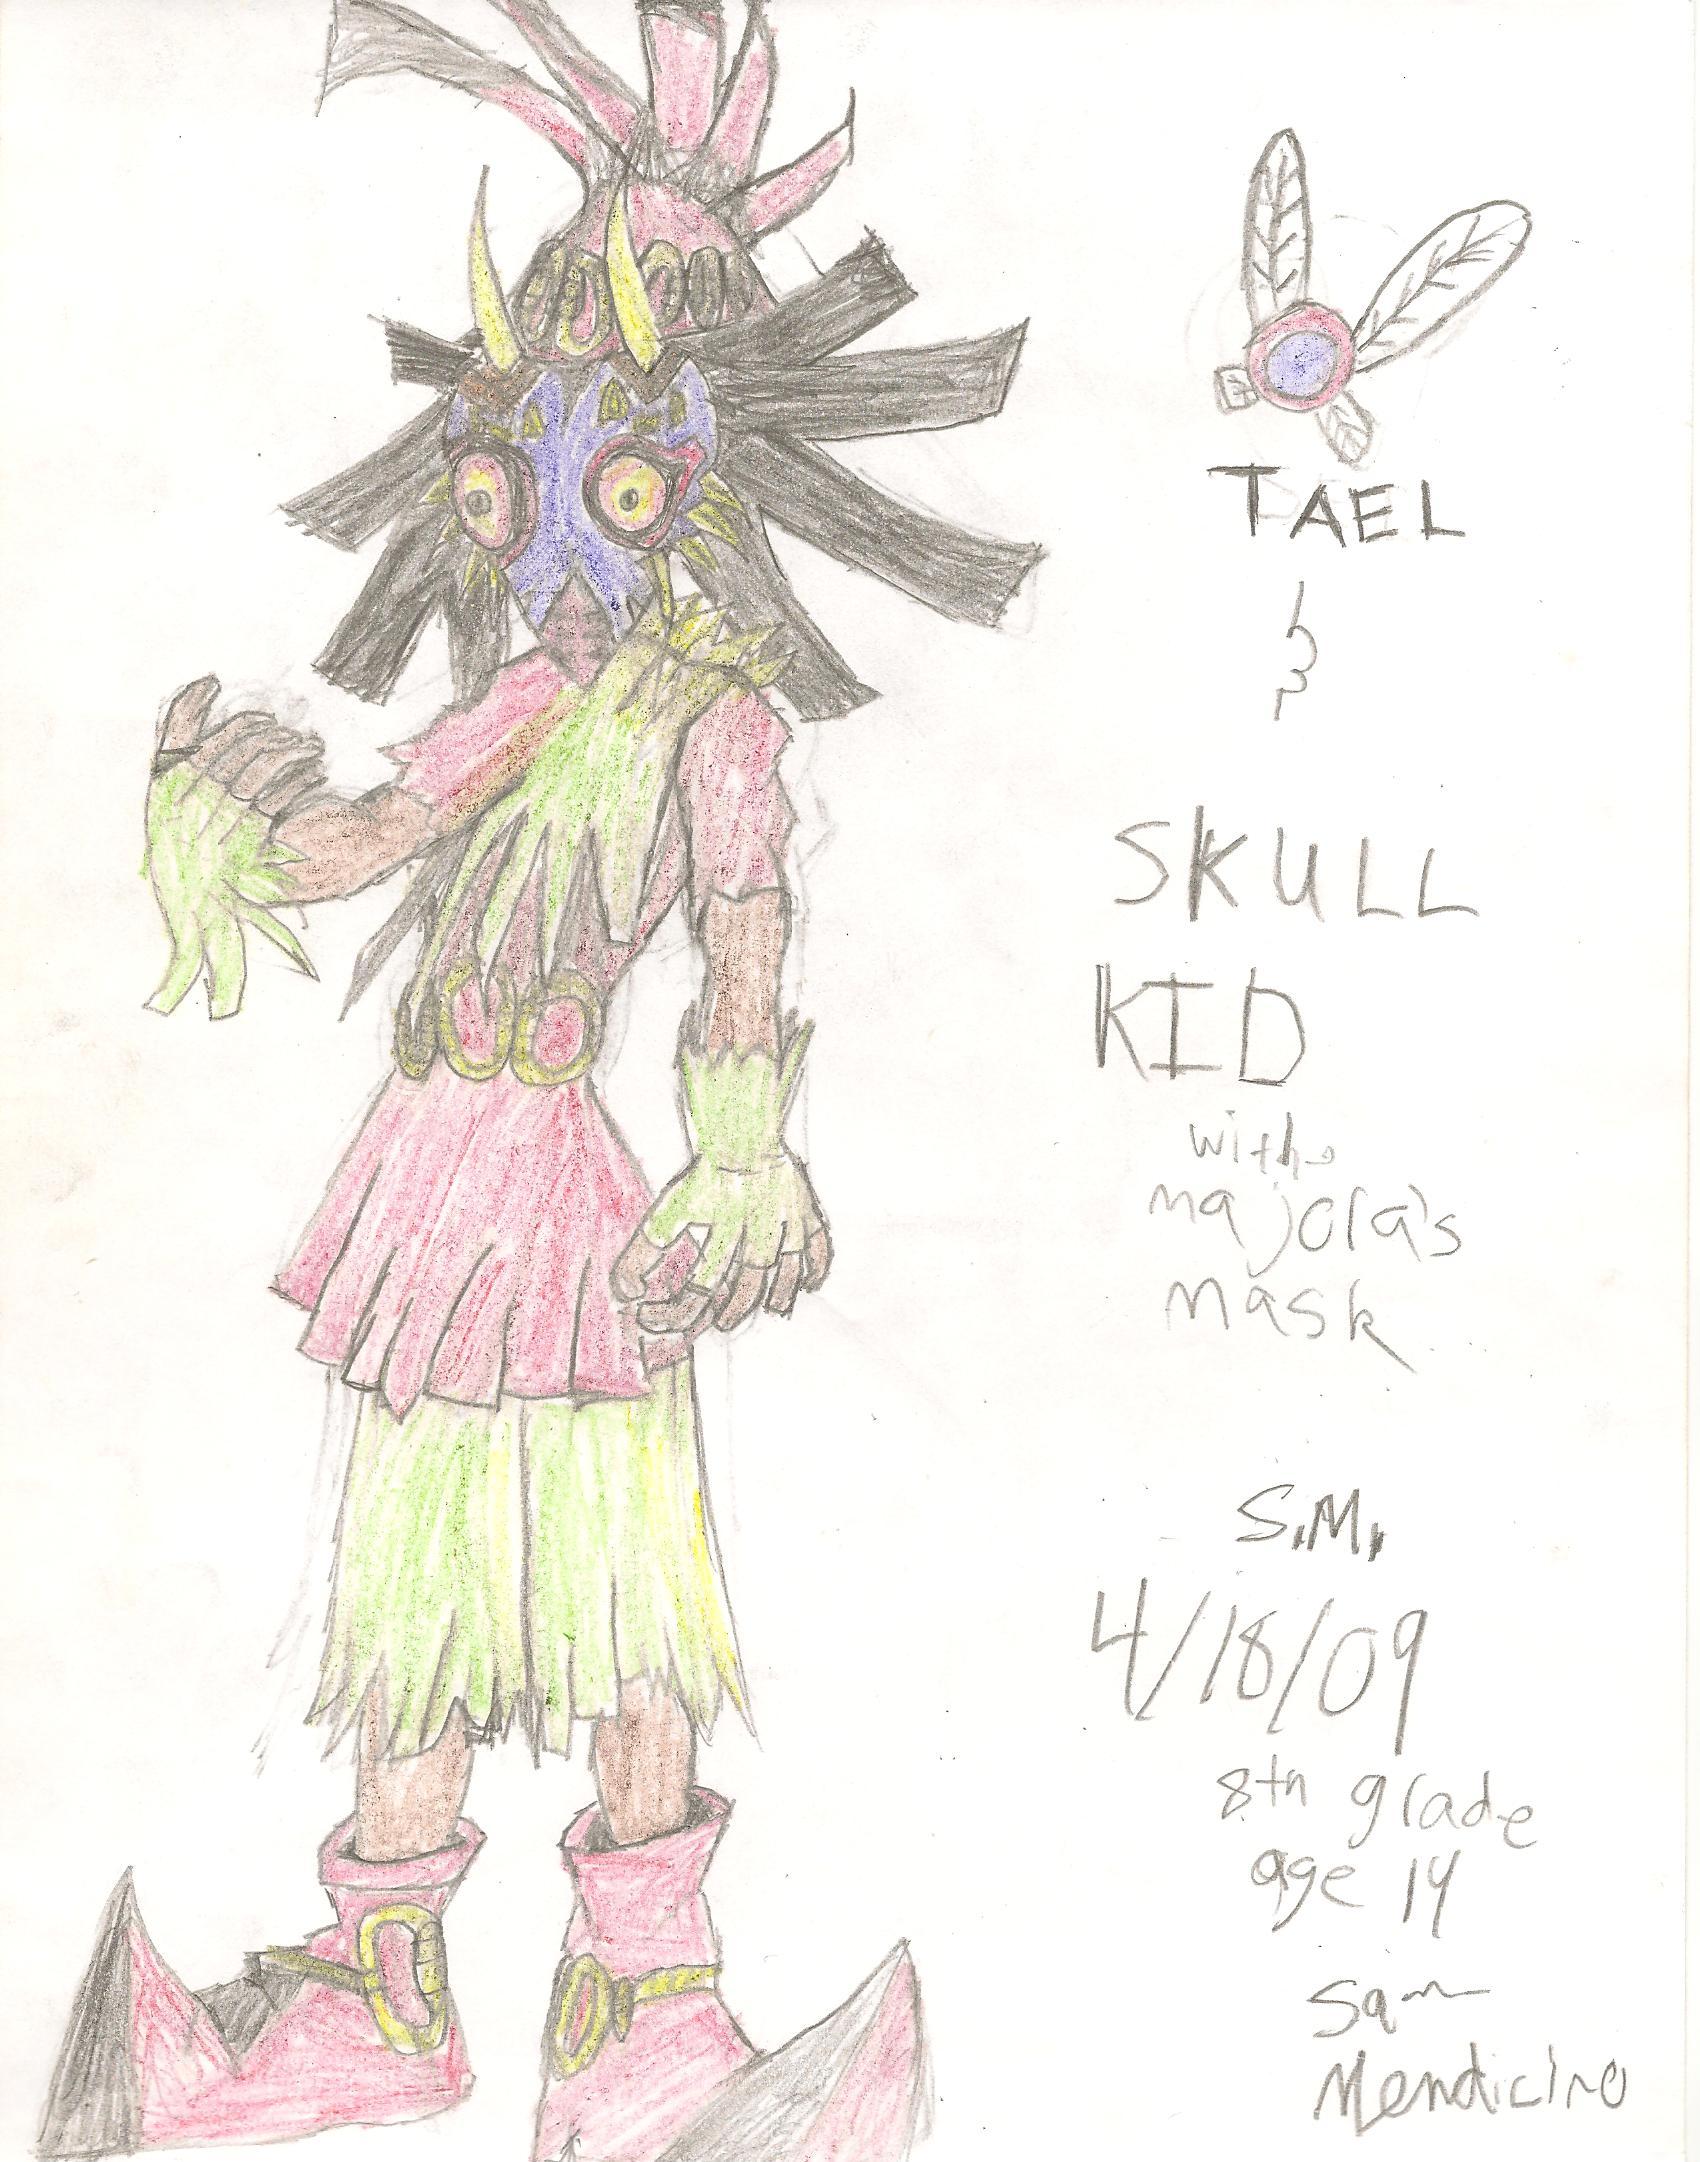 SkullKid from legend of zelda